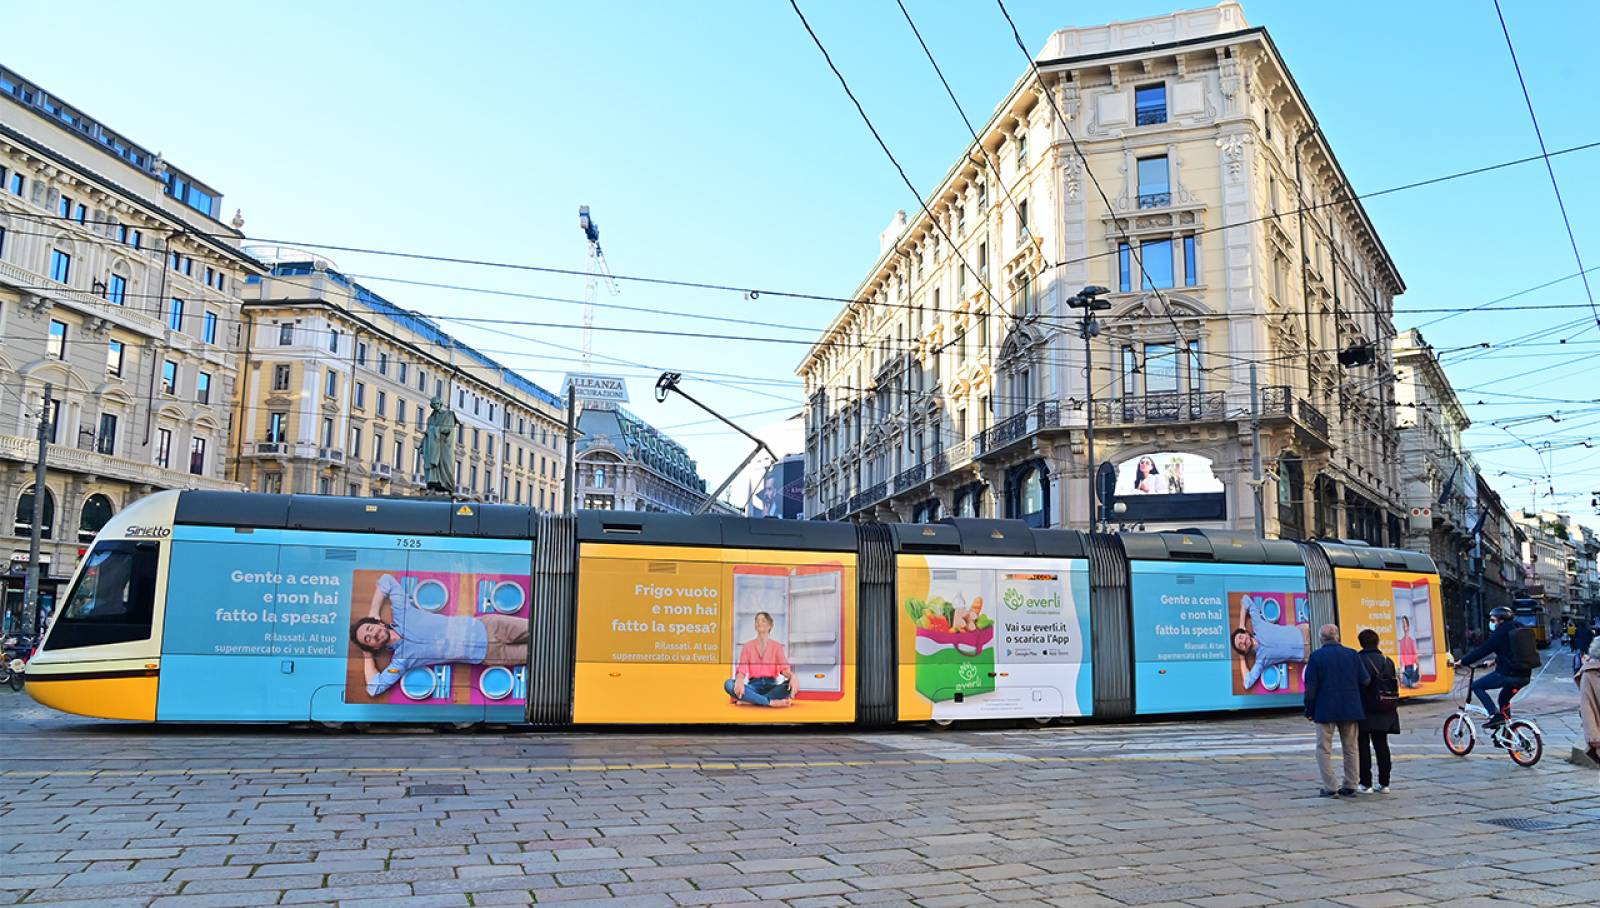 Pubblicità outdoor a Milano per Everli Full-Wrap IGPDecaux